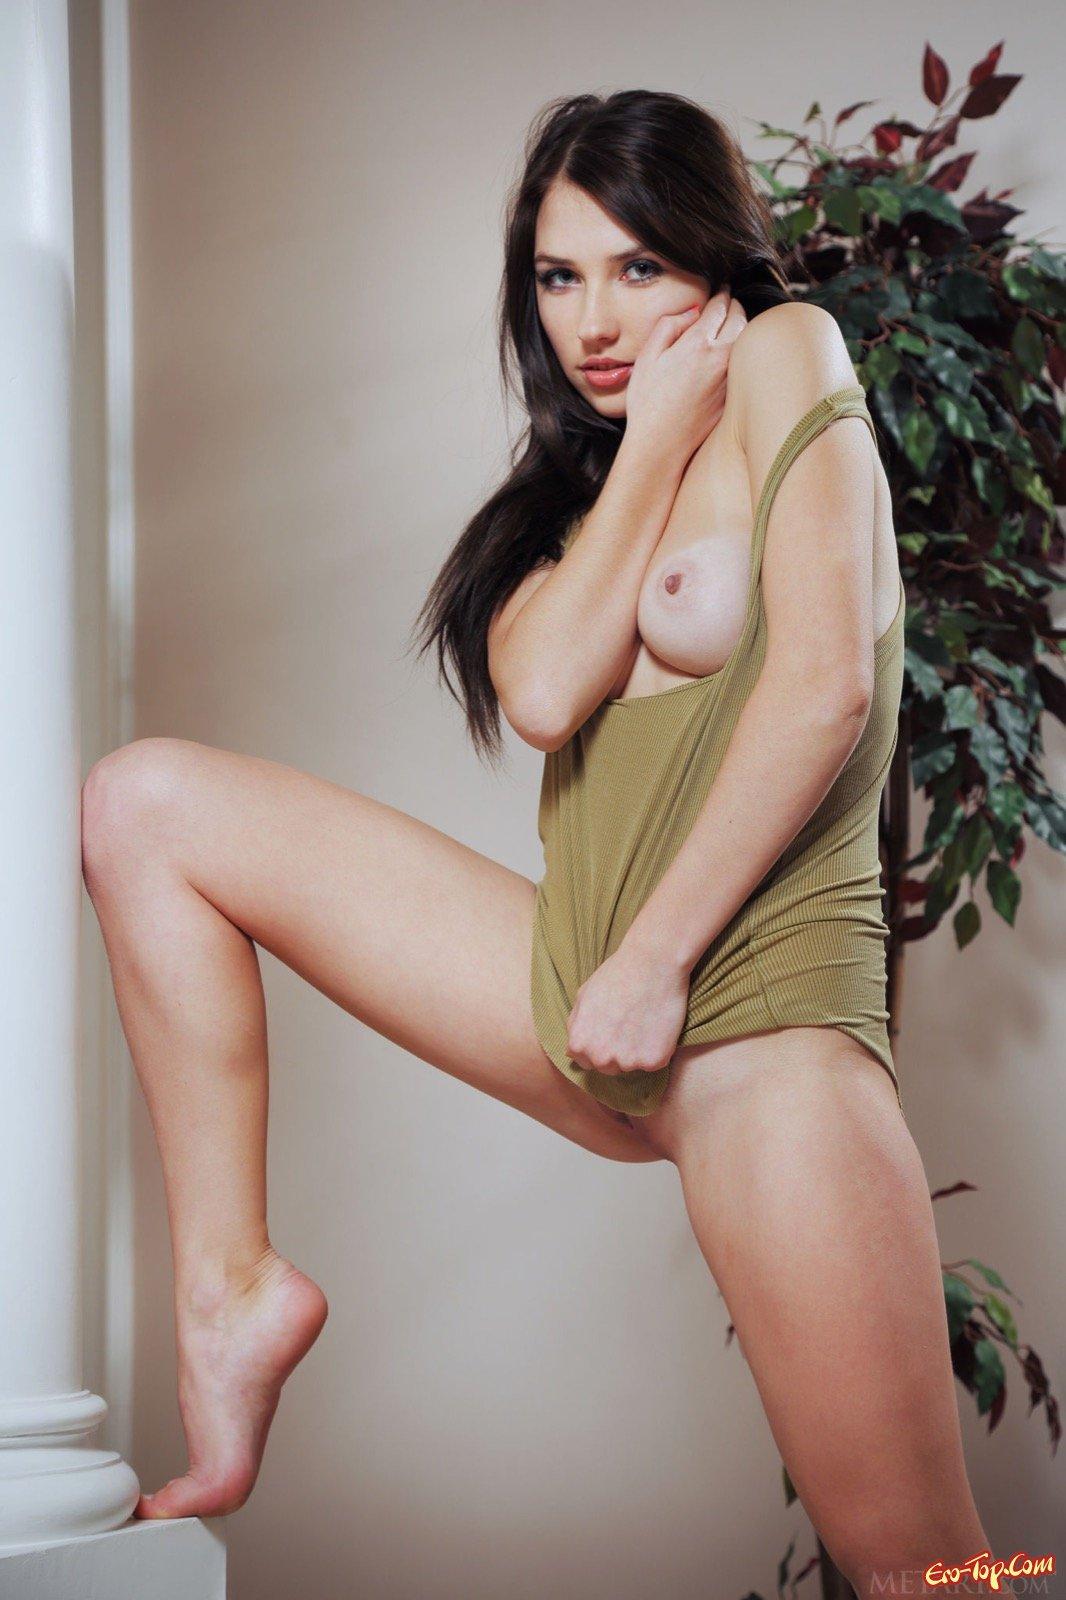 Симпатичная девица любит показывать упругие сиськи